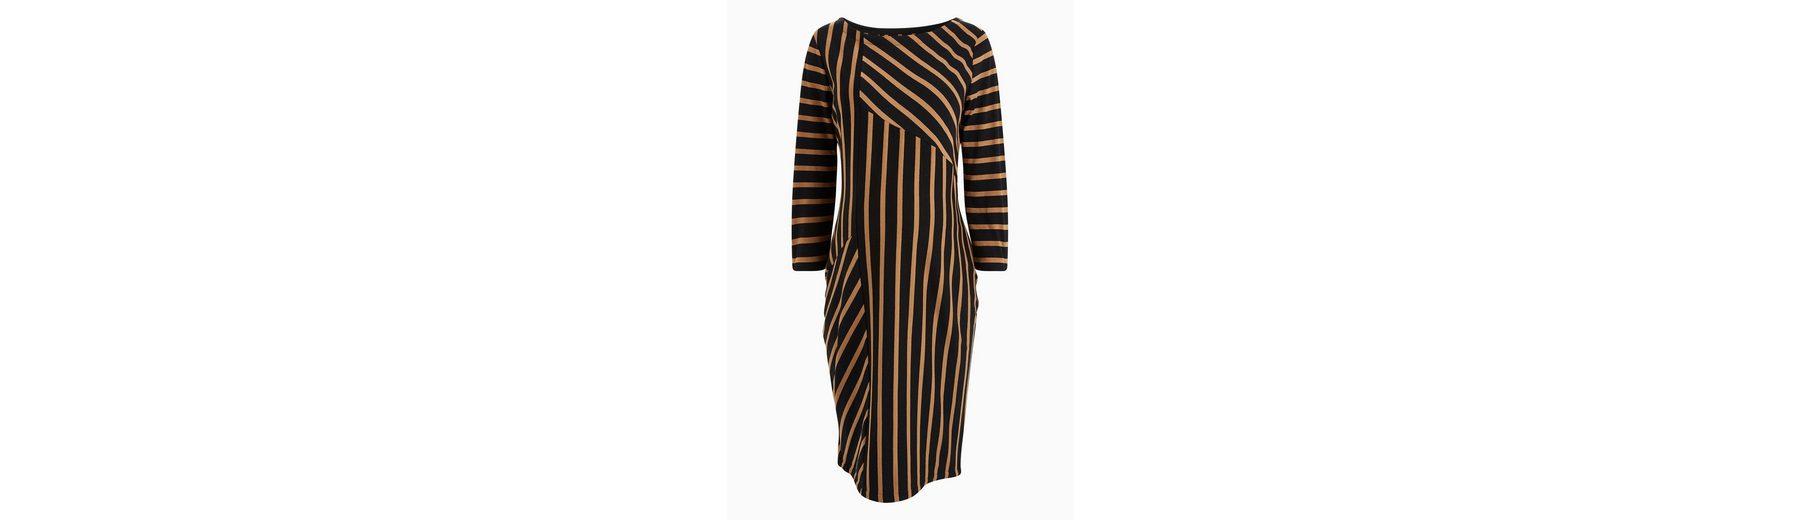 Next Gestreiftes Kleid (Umstandsmode) Spielraum Billigsten nM8g4VL